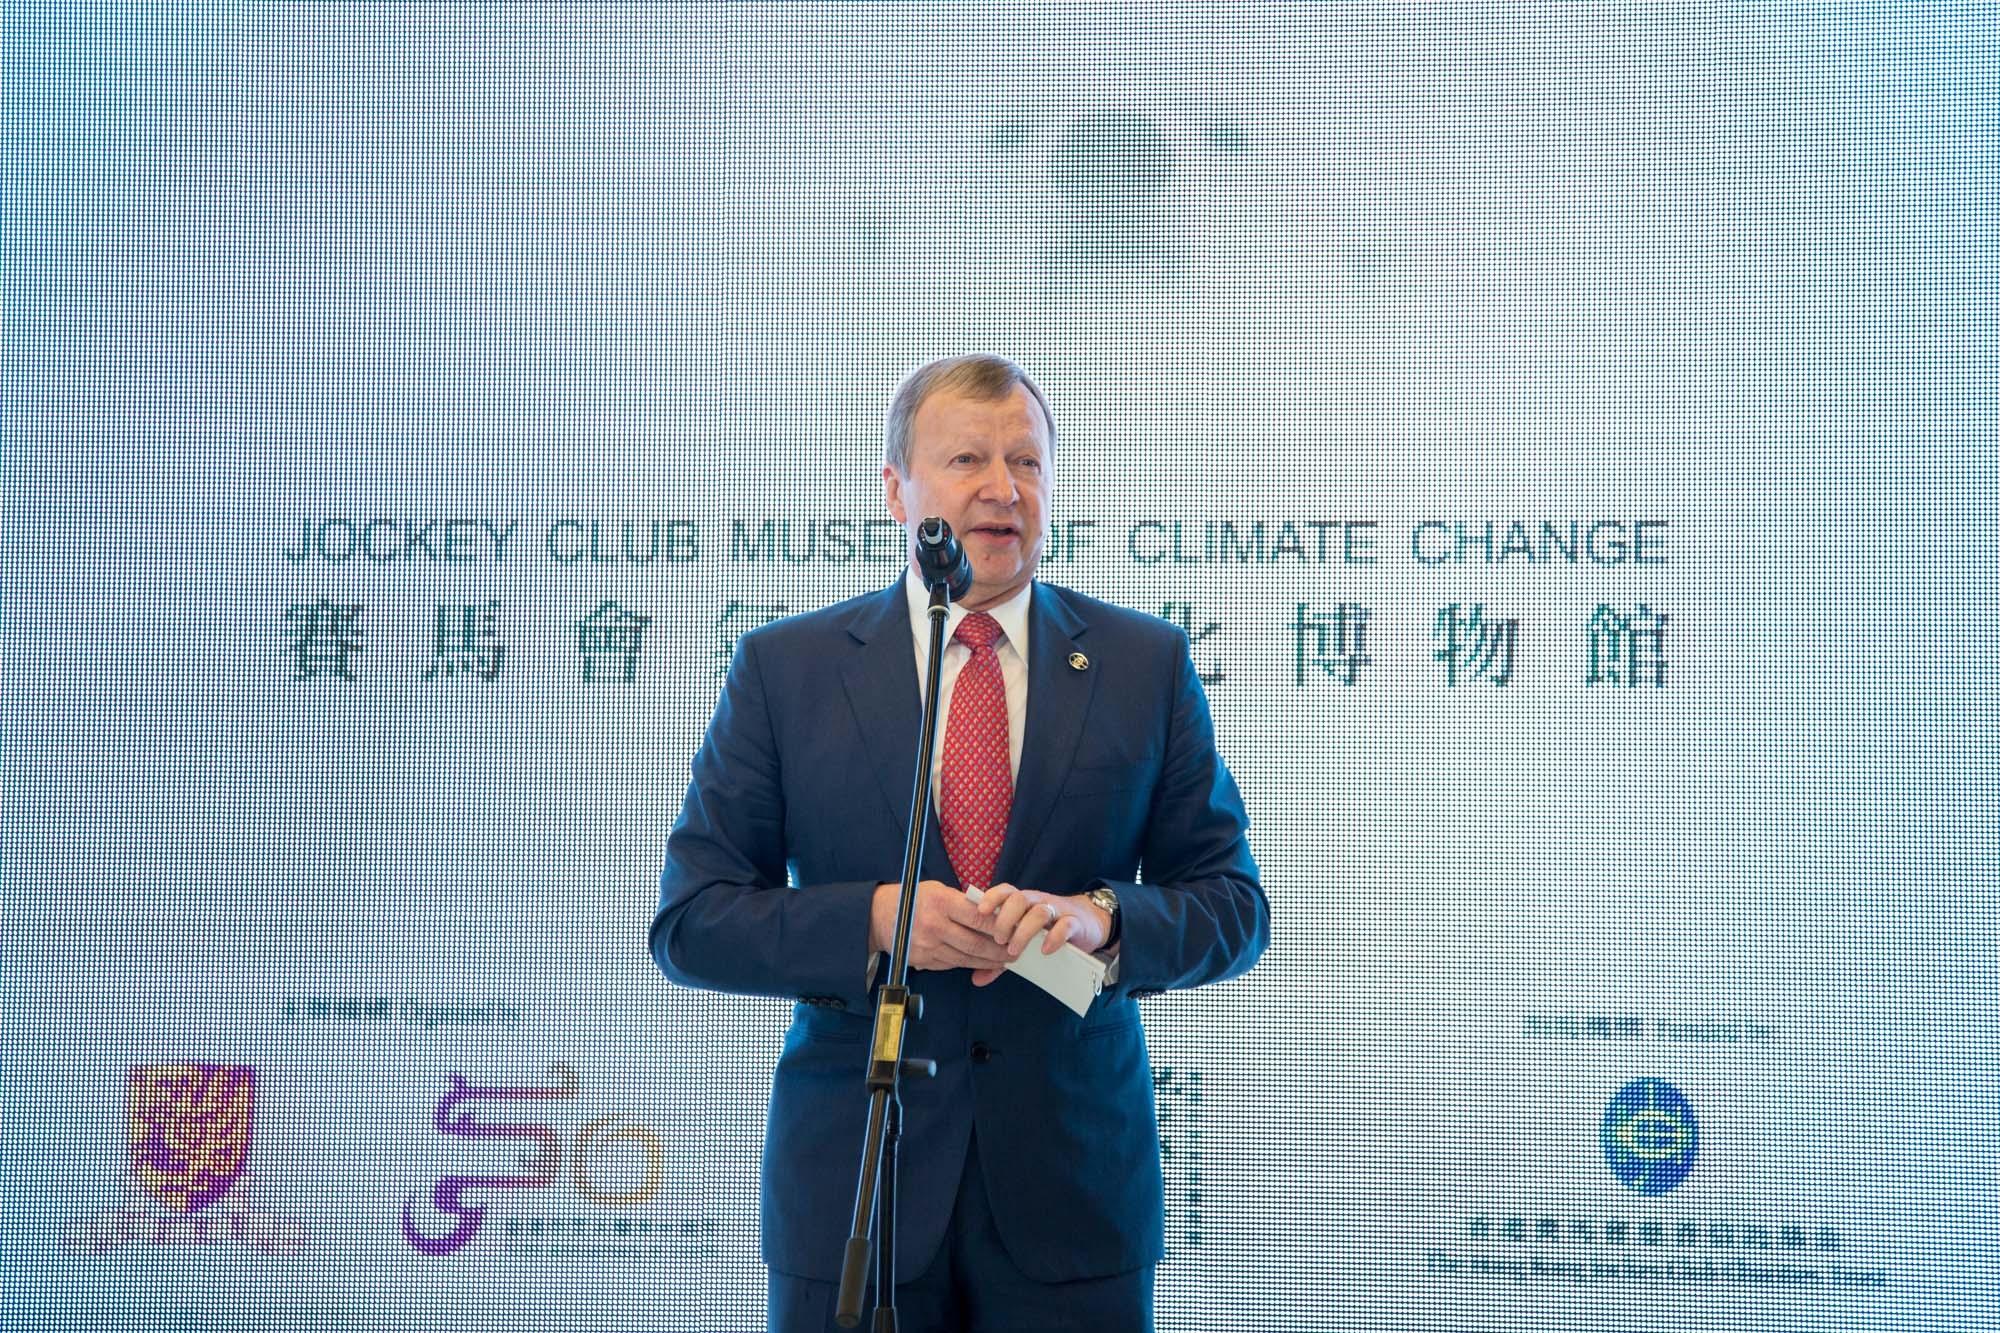 Mr Winfried ENGELBRECHT-BRESGES, Chief Executive Officer of the Hong Kong Jockey Club, gives a speech.